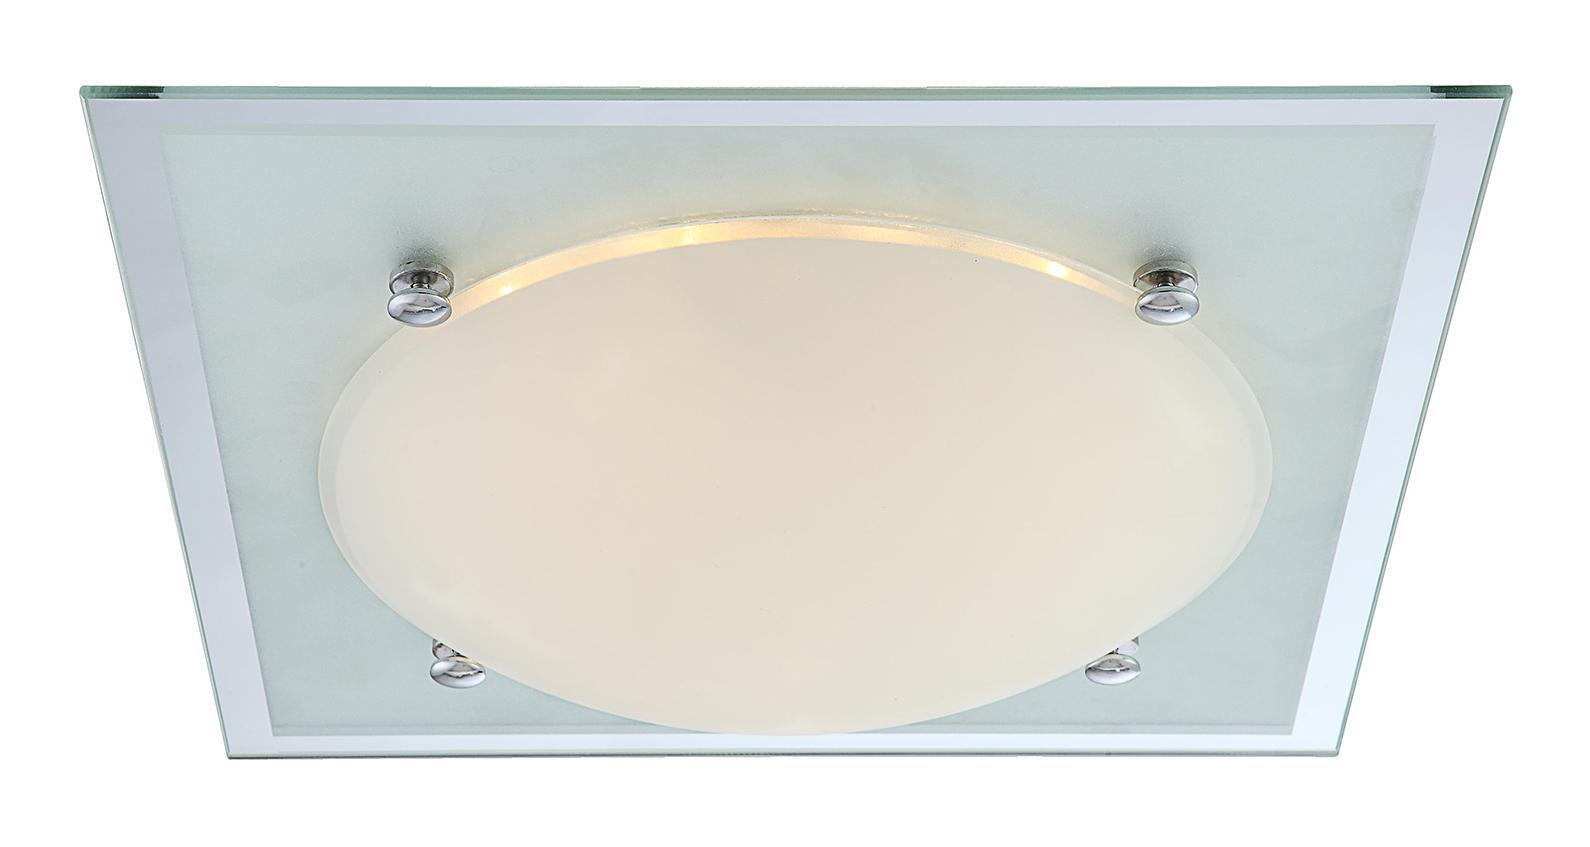 48426 SPECCHIO II Потолочный светильник48426Светильник globo SPECCHIO II 48426 настенно потолочный представлен со светодиодными и люминесцентными лампами, что позволяет экономить потребление электроэнергии при достаточной освещенности. Но компания не ограничивает свое производство выпуском настенно-потолочных светильников, а также выпускает люстры, бра, торшеры, подсветки, а также уличные потолочные и не только светильники. Материал: Арматура: Металл / Плафон: Стекло Цвет: Арматура: Серебристый / Плафон: Матовый Размер: 33,5х33,5х9 Материал: Арматура: Металл / Плафон: Стекло Цвет: Арматура: Серебристый / Плафон: Матовый Размер: 33,5х33,5х9